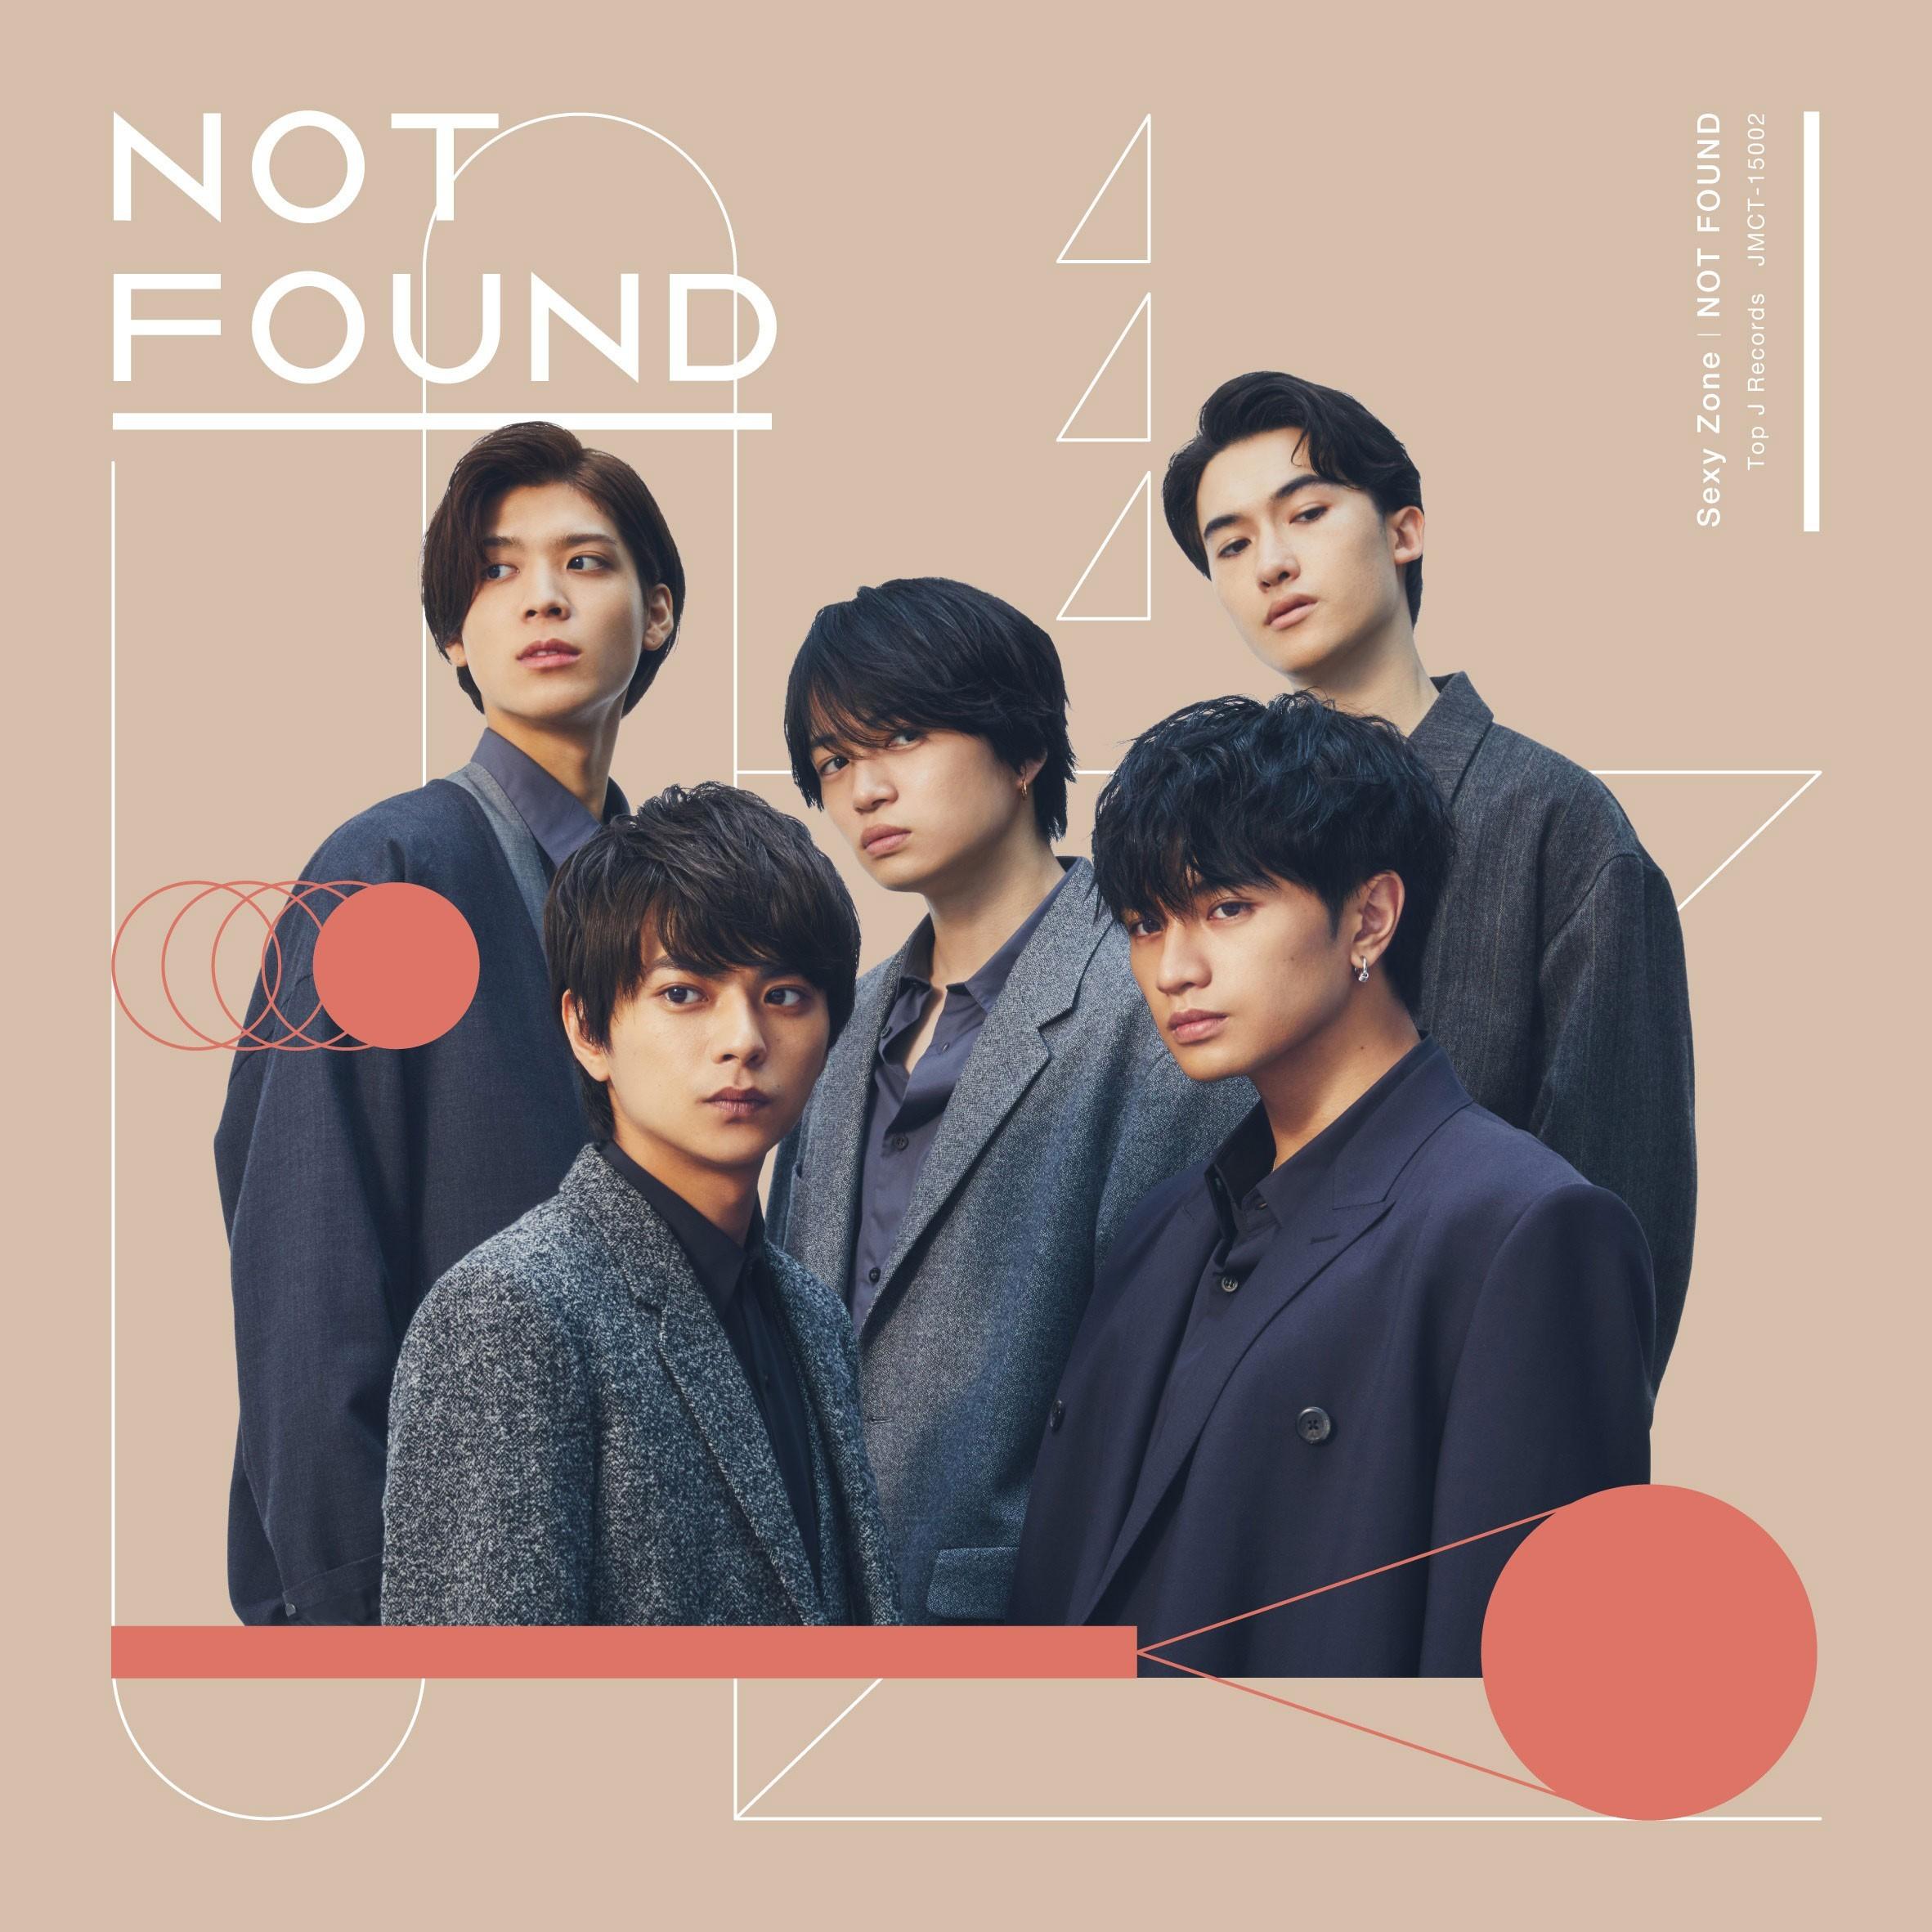 Sexy Zone (セクシー ゾーン) 19thシングル『NOT FOUND (ノット・ファウンド)』(通常盤) 高画質CDジャケット画像 (ジャケ写)